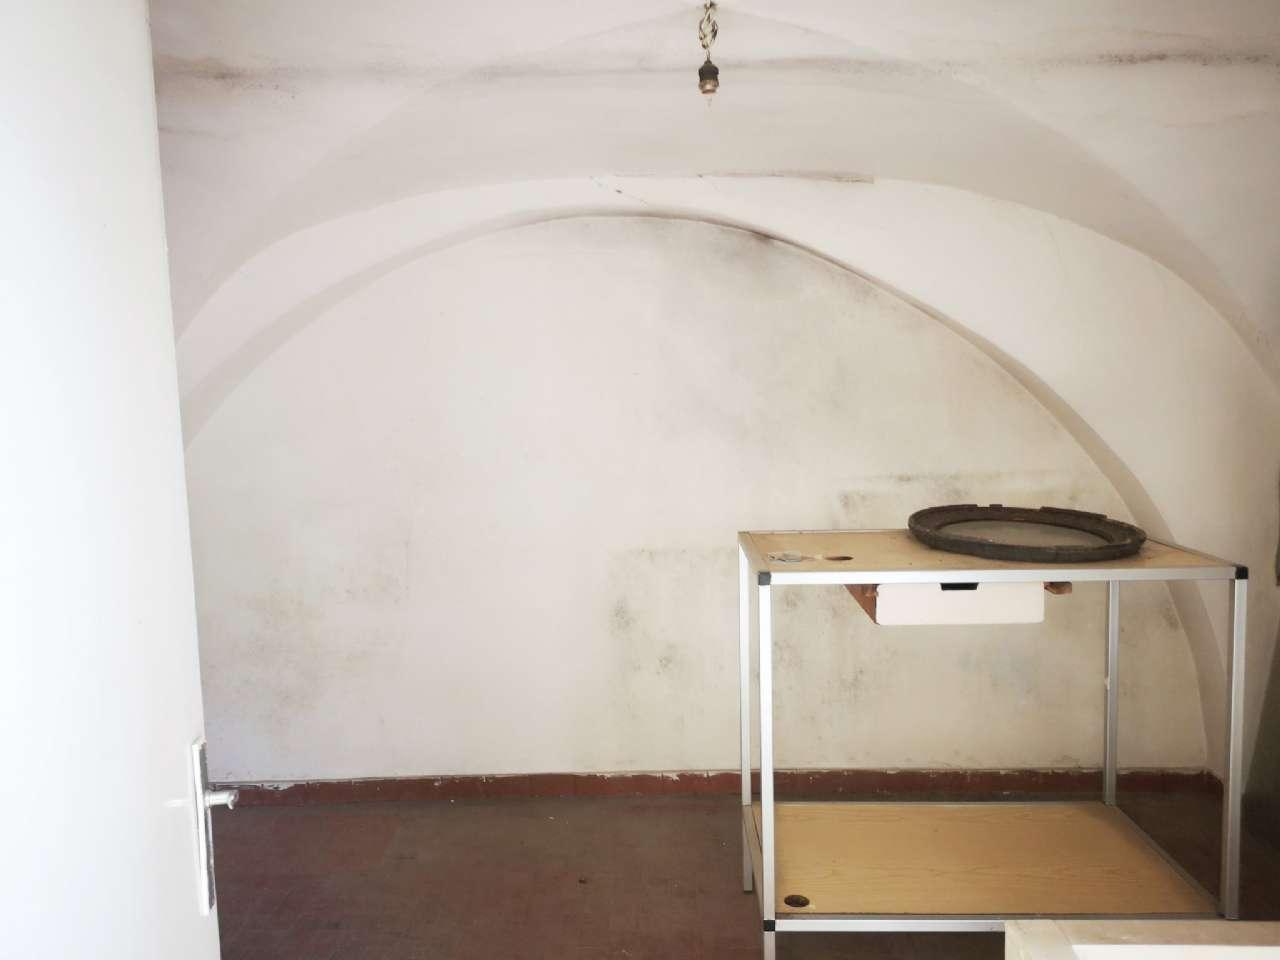 Mascalucia - Bottega commerciale 2 luci, foto 3